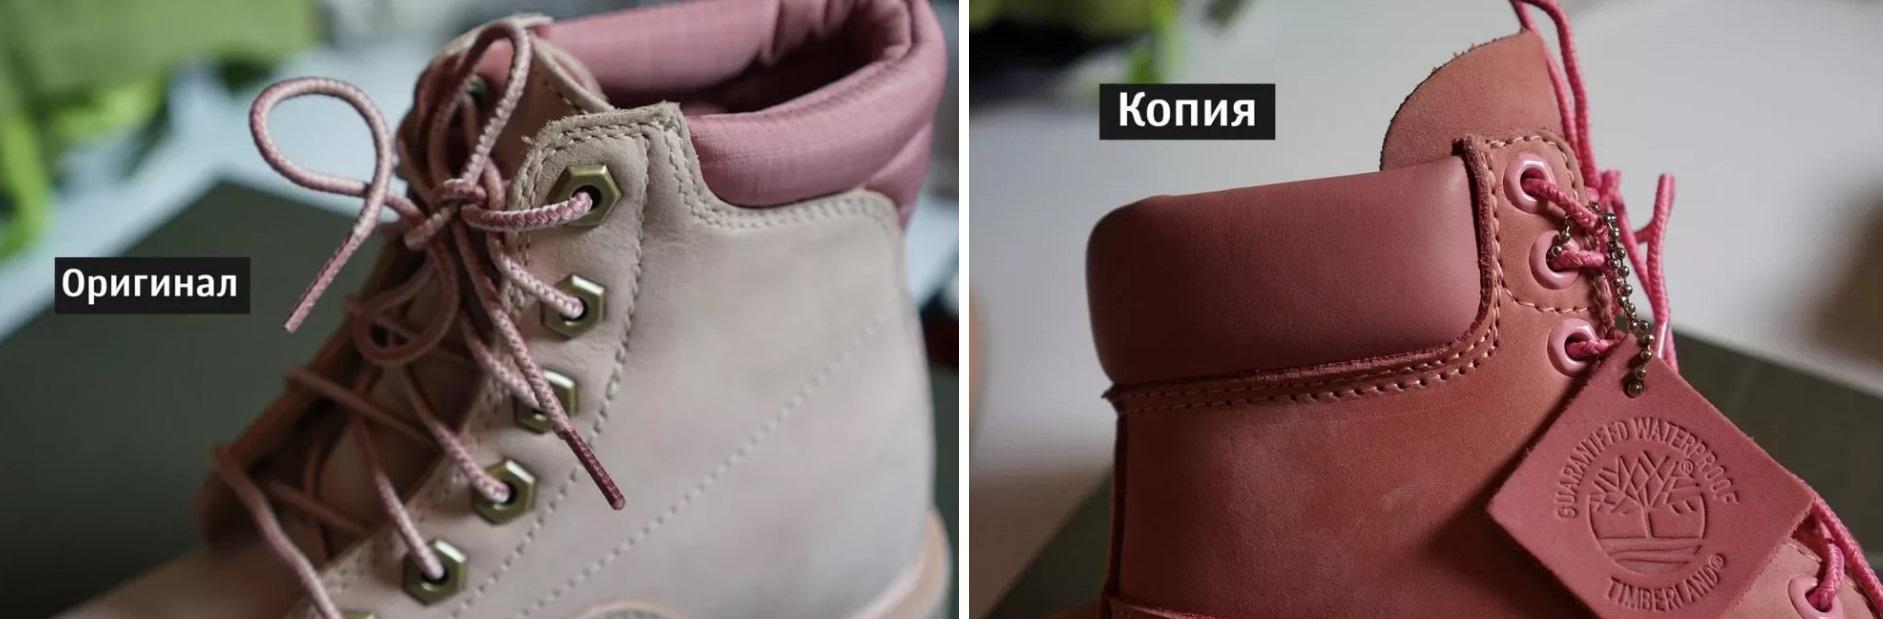 Люверсы на оригинальных ботинках Timberland и подделке